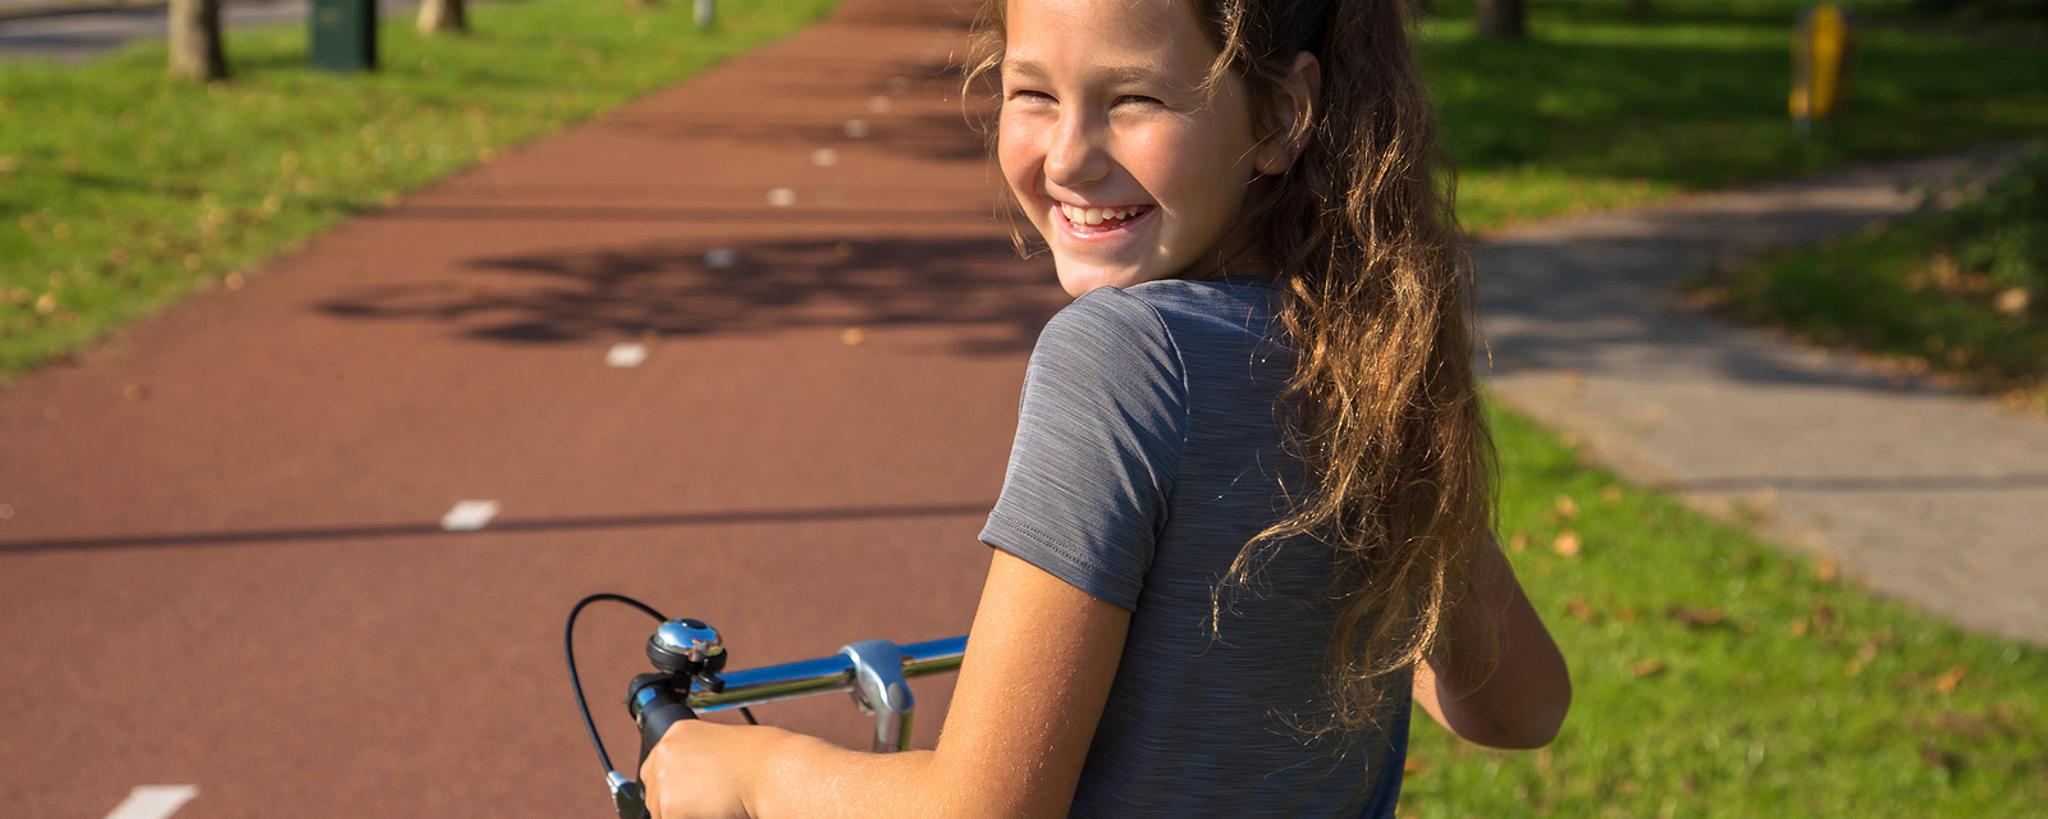 <h2>Mobiliteit</h2><div>Onze ambitie is duidelijk: we willen de fietsstad van Vlaanderen worden. Dankzij veilige en comfortabele fietswegen en een autoluw centrum.</div>